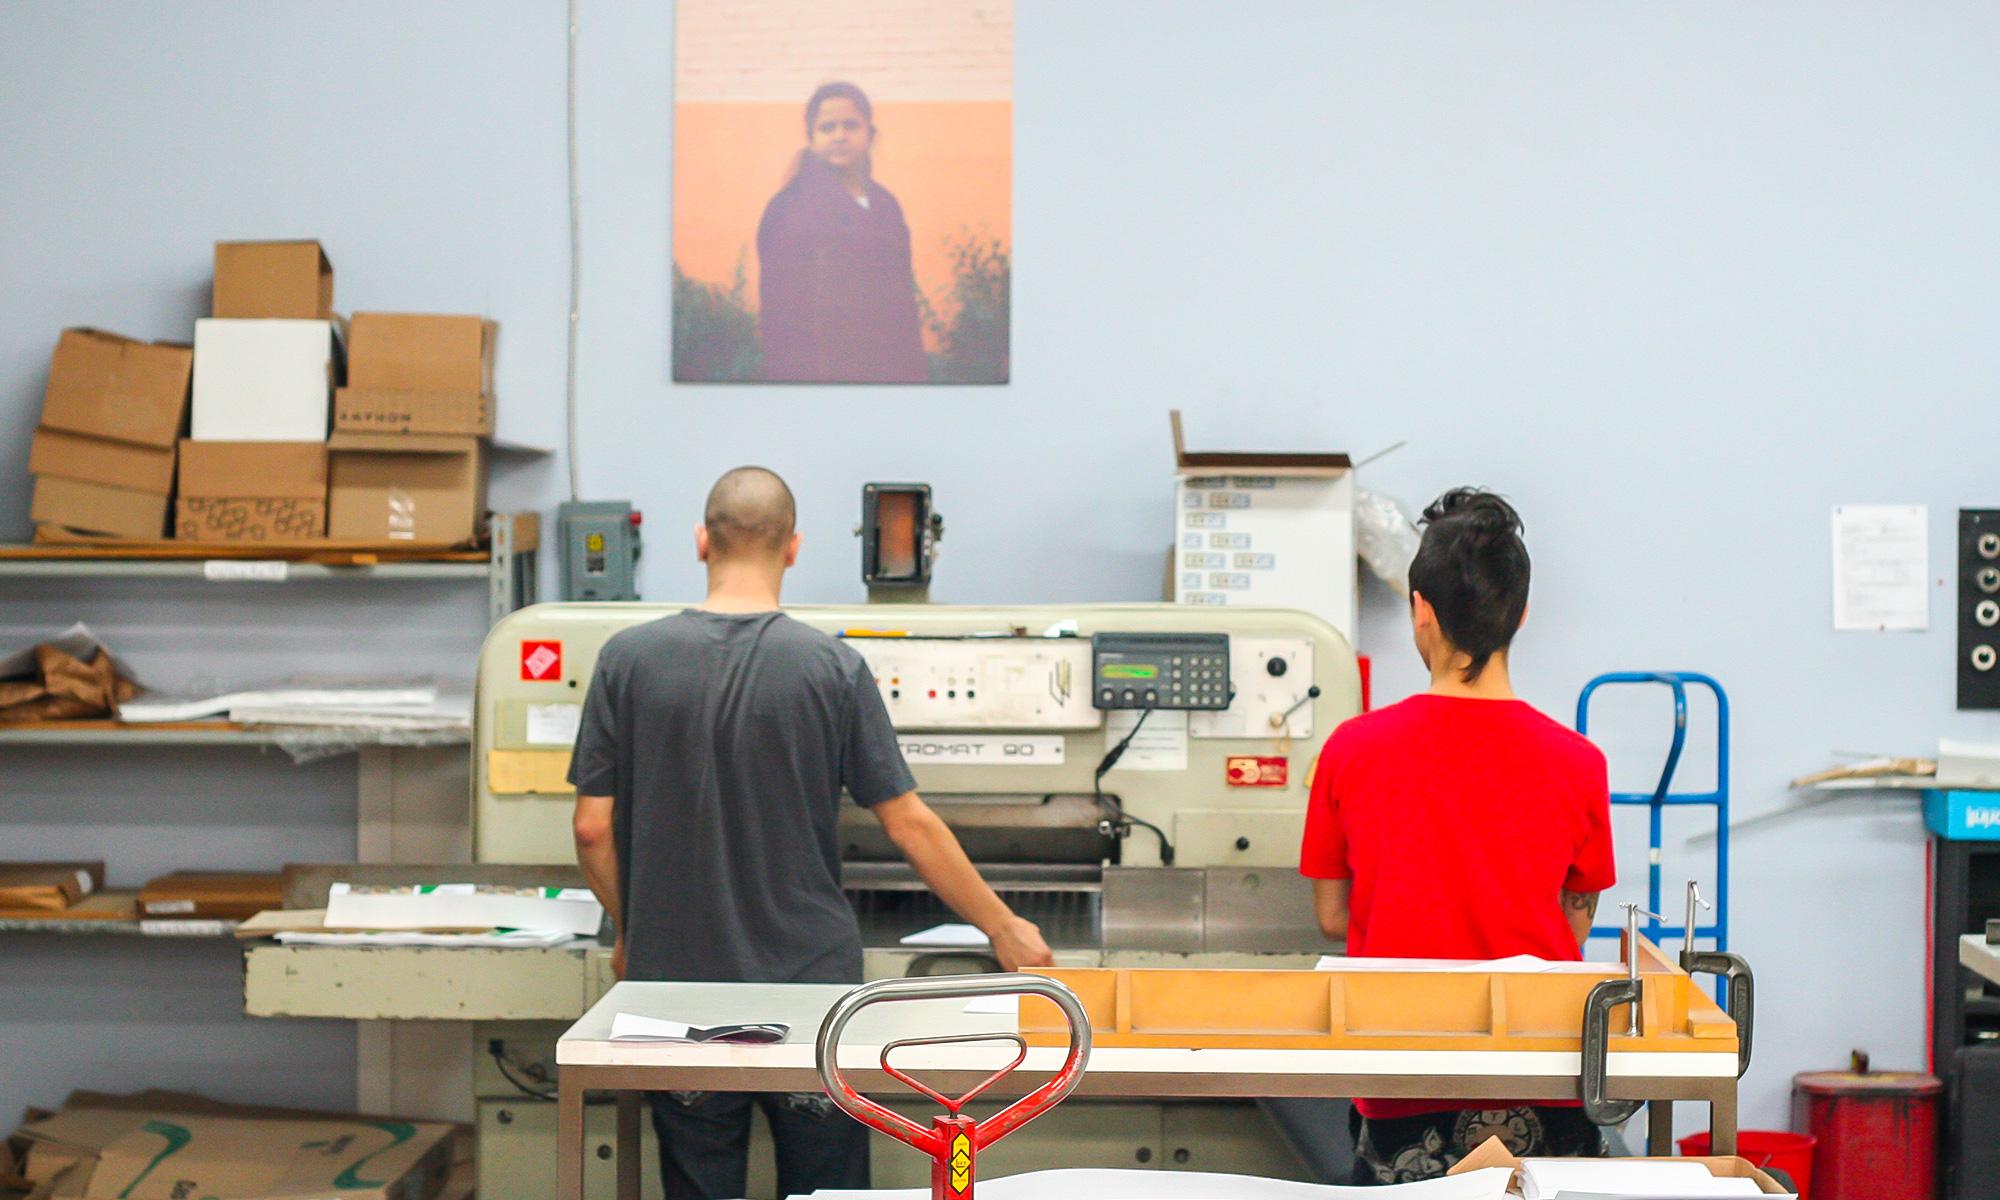 quatre-raisons-de-choisir-une-economie-sociale-et-solidaire-imprime-emploi